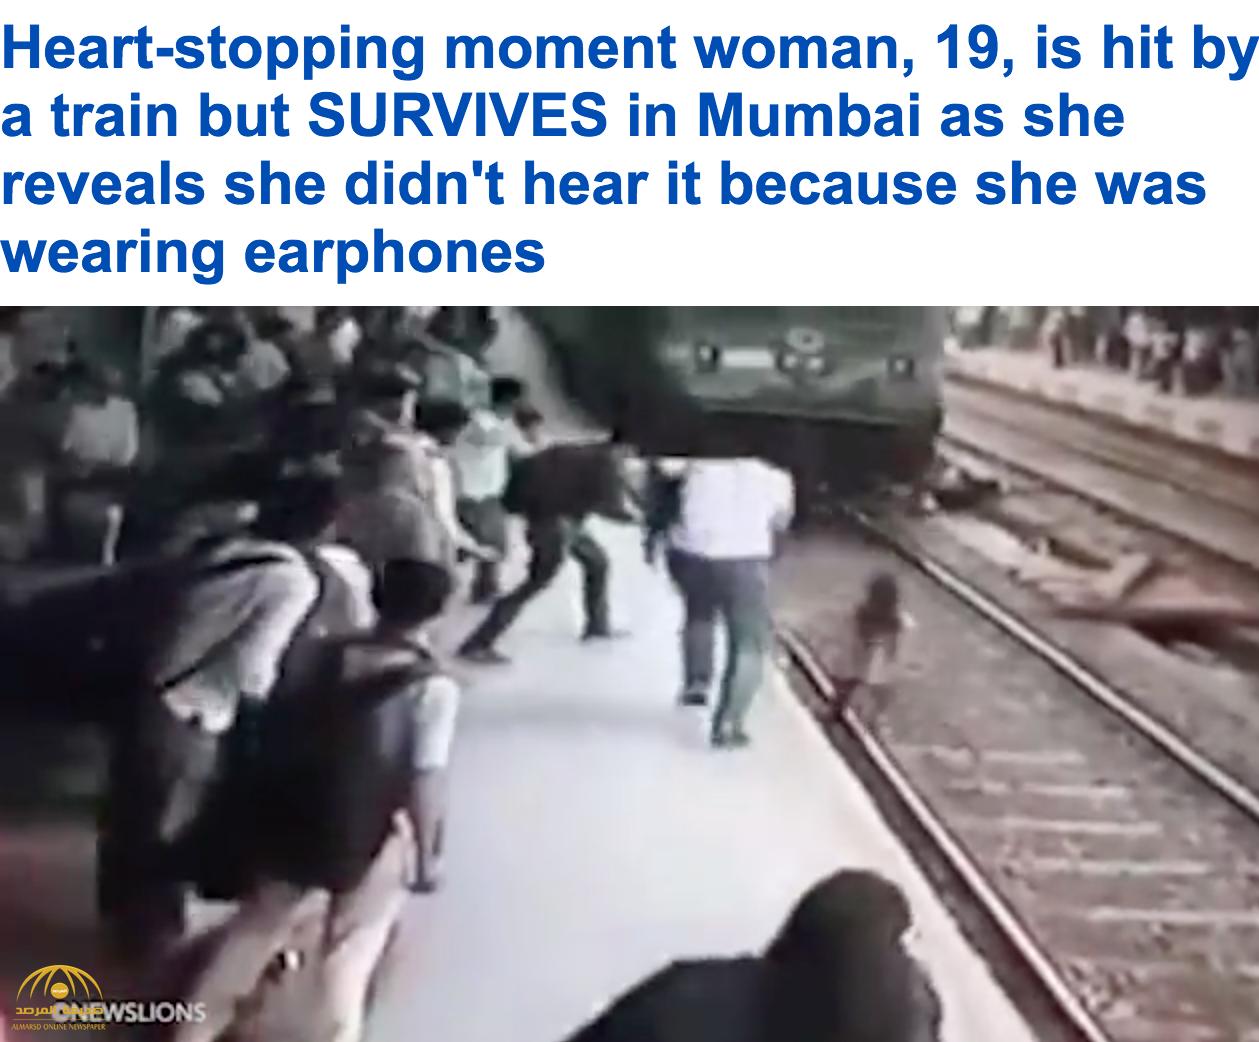 شاهد قطار يصدم فتاة هندية أمام أعين الجميع